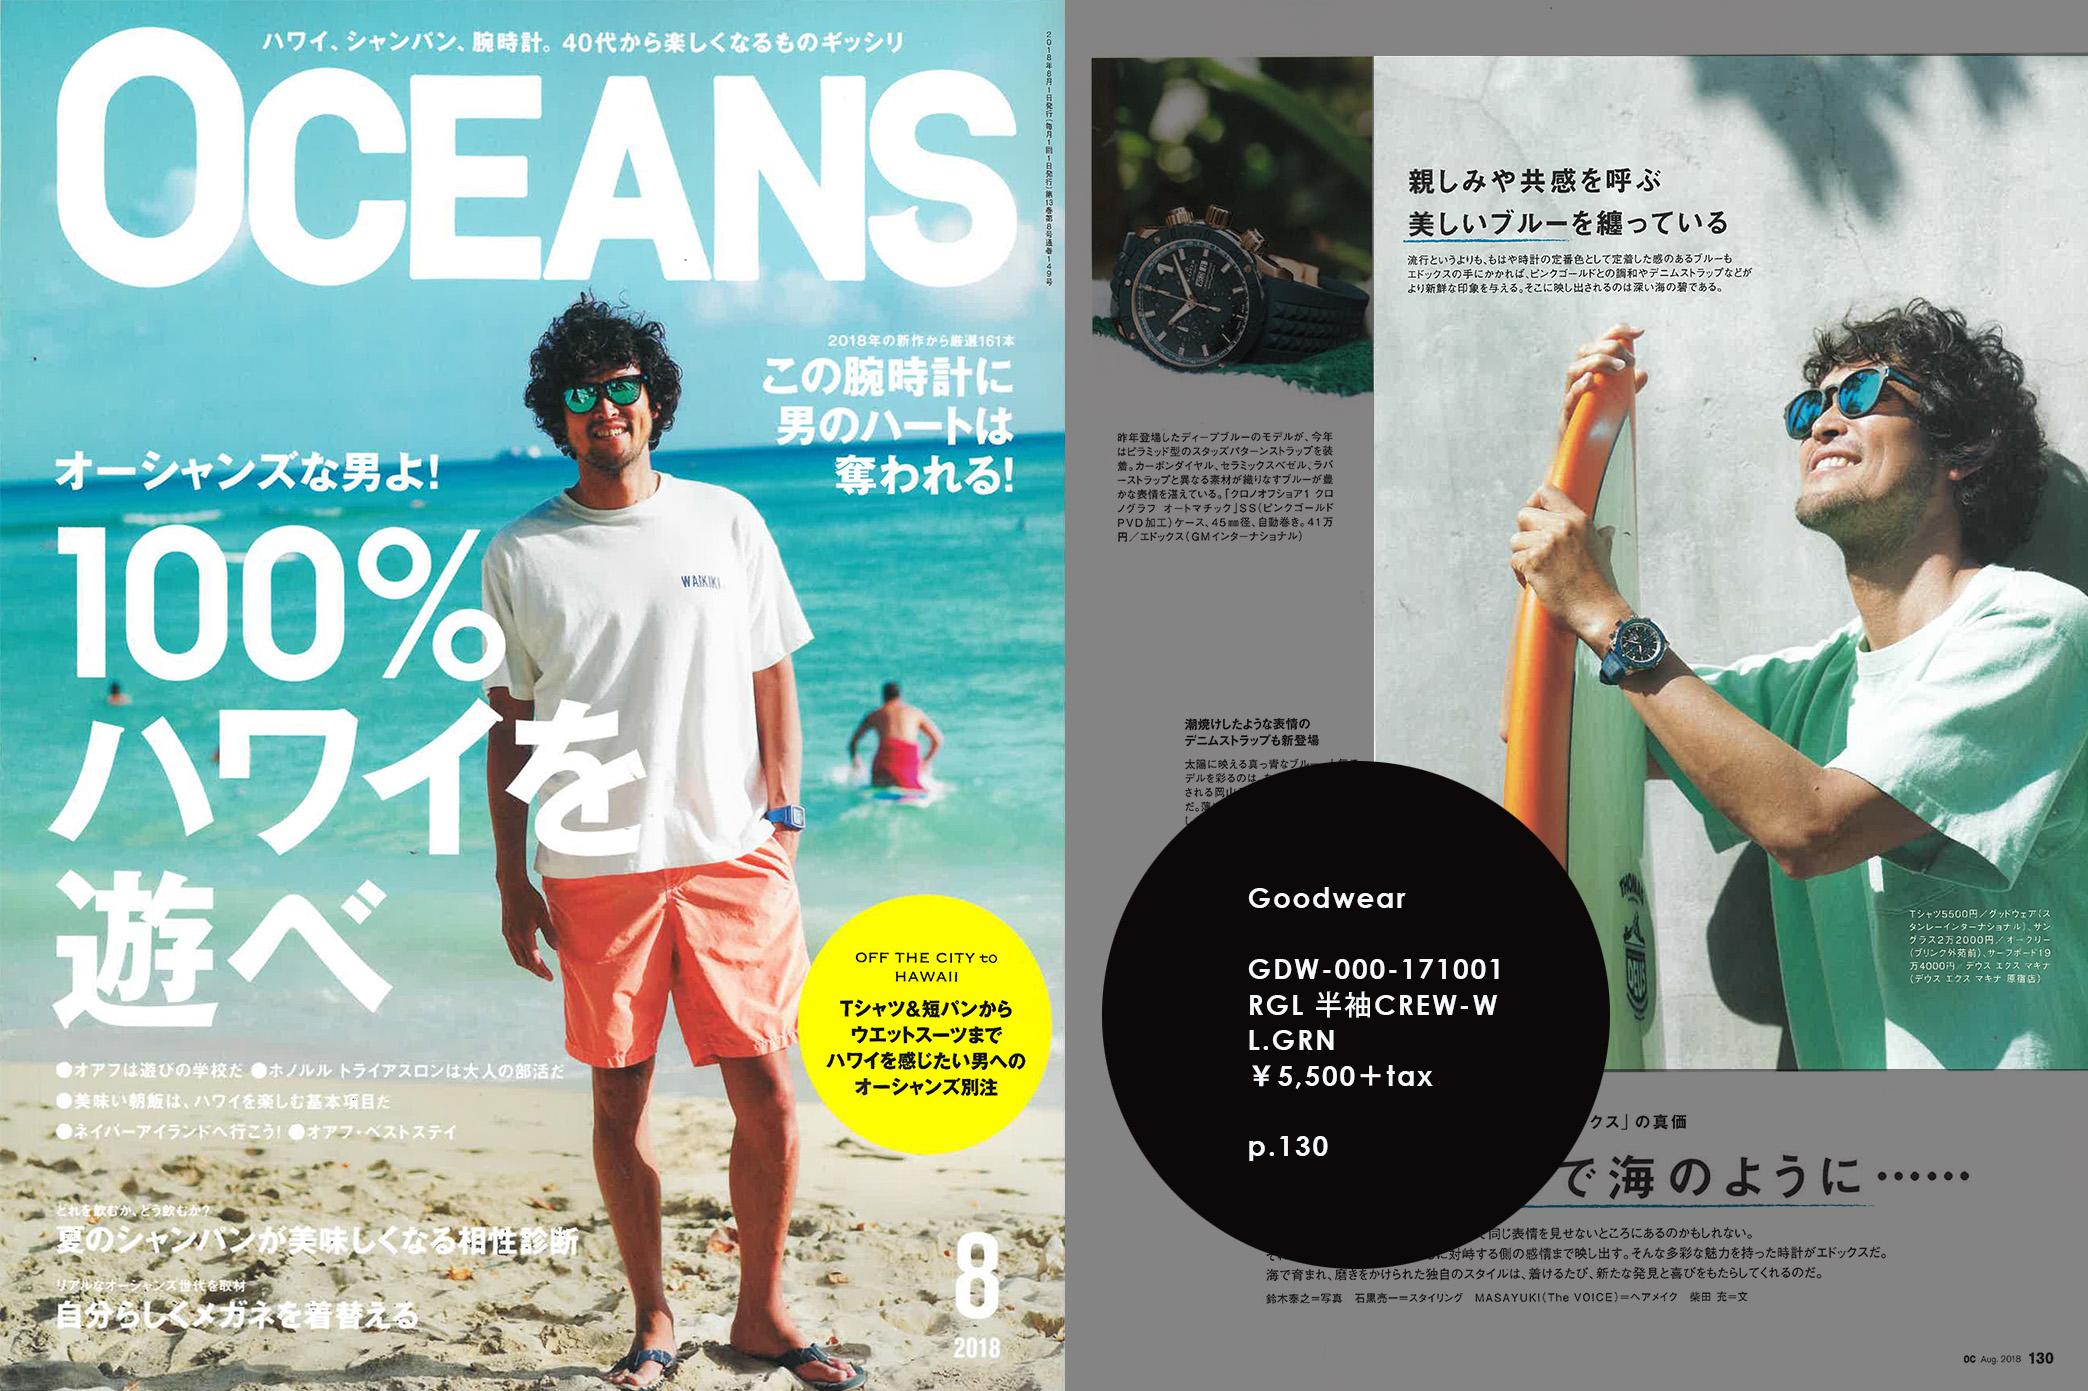 OCEANS 8月号